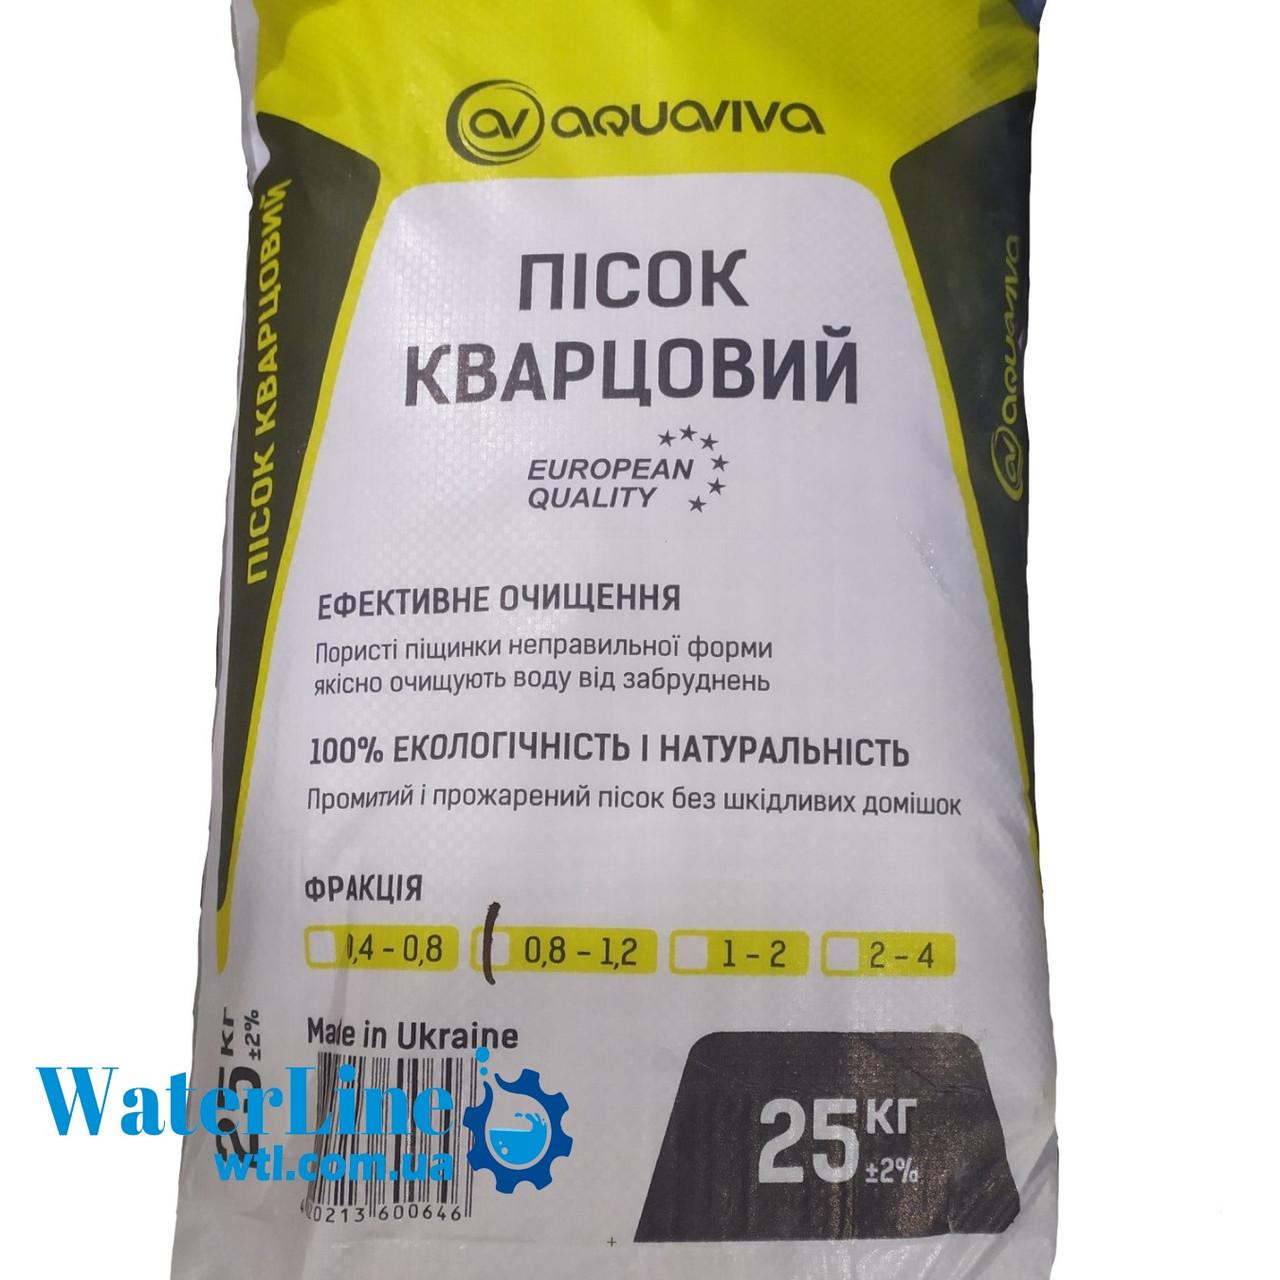 Кварцевый песок (25 кг) AquaViva для фильтрации бассейна. Фракция 0,8 - 1,2 мм